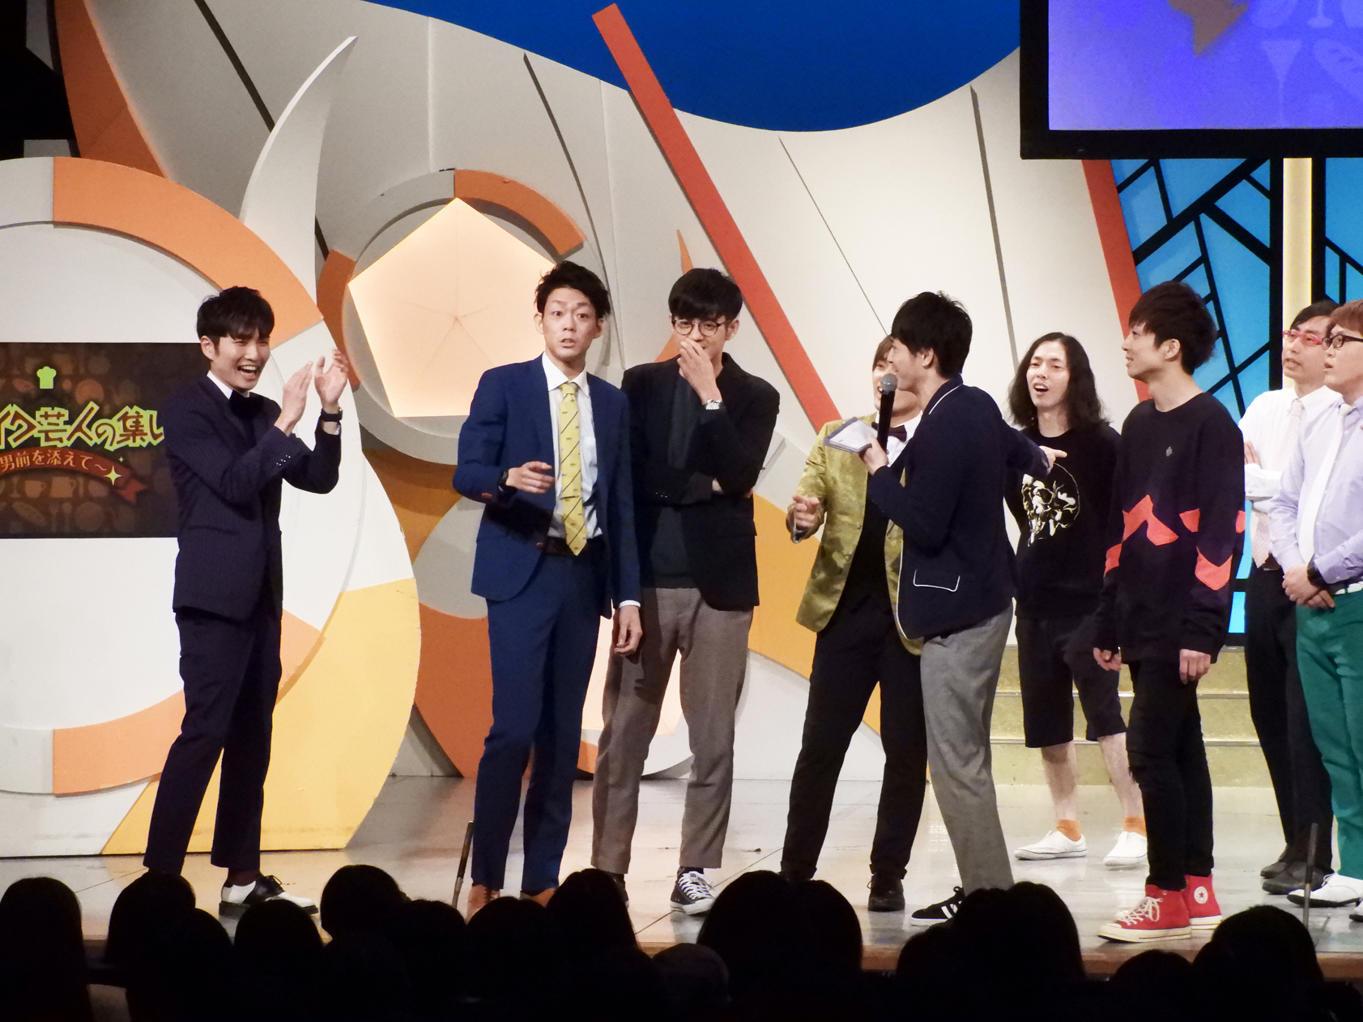 http://news.yoshimoto.co.jp/20180208181348-18187b62ee258878b88804f101456edfc8627186.jpg